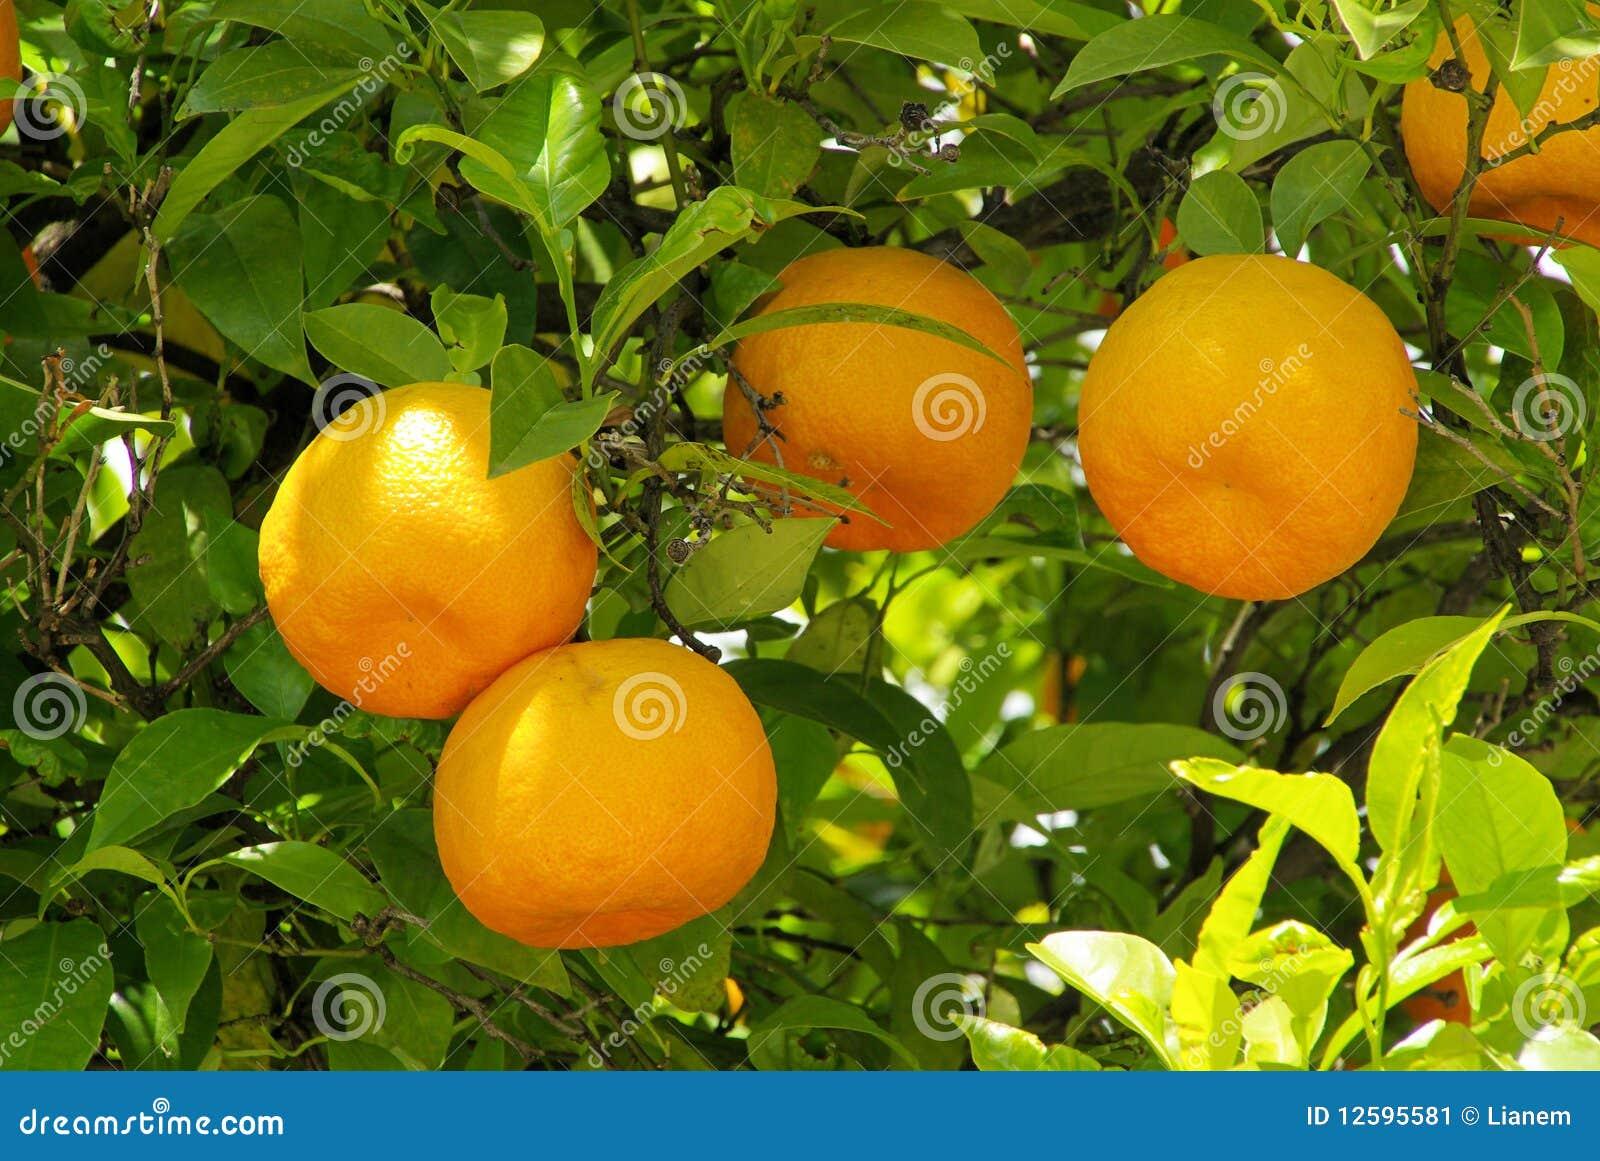 Orange fruit on tree stock image image 12595581